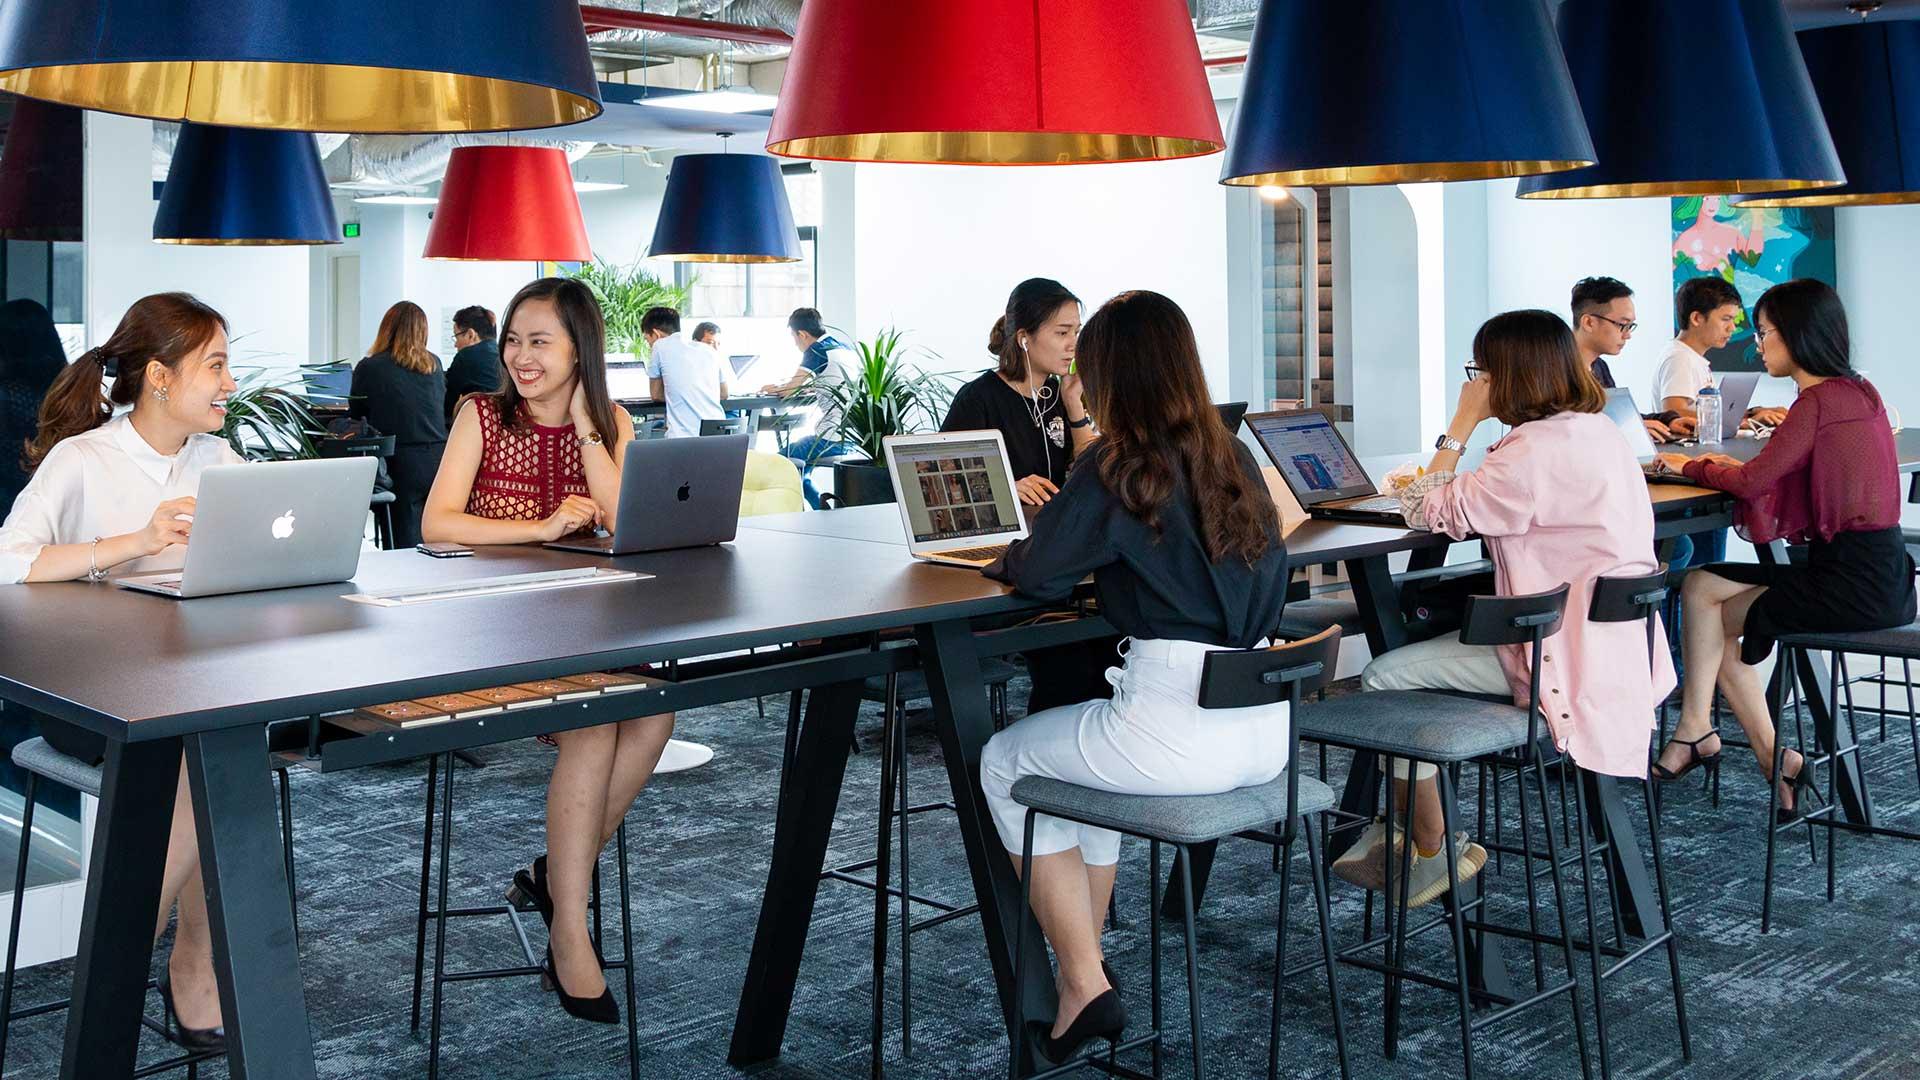 Dreamplex hot desk, Dreamplex.co